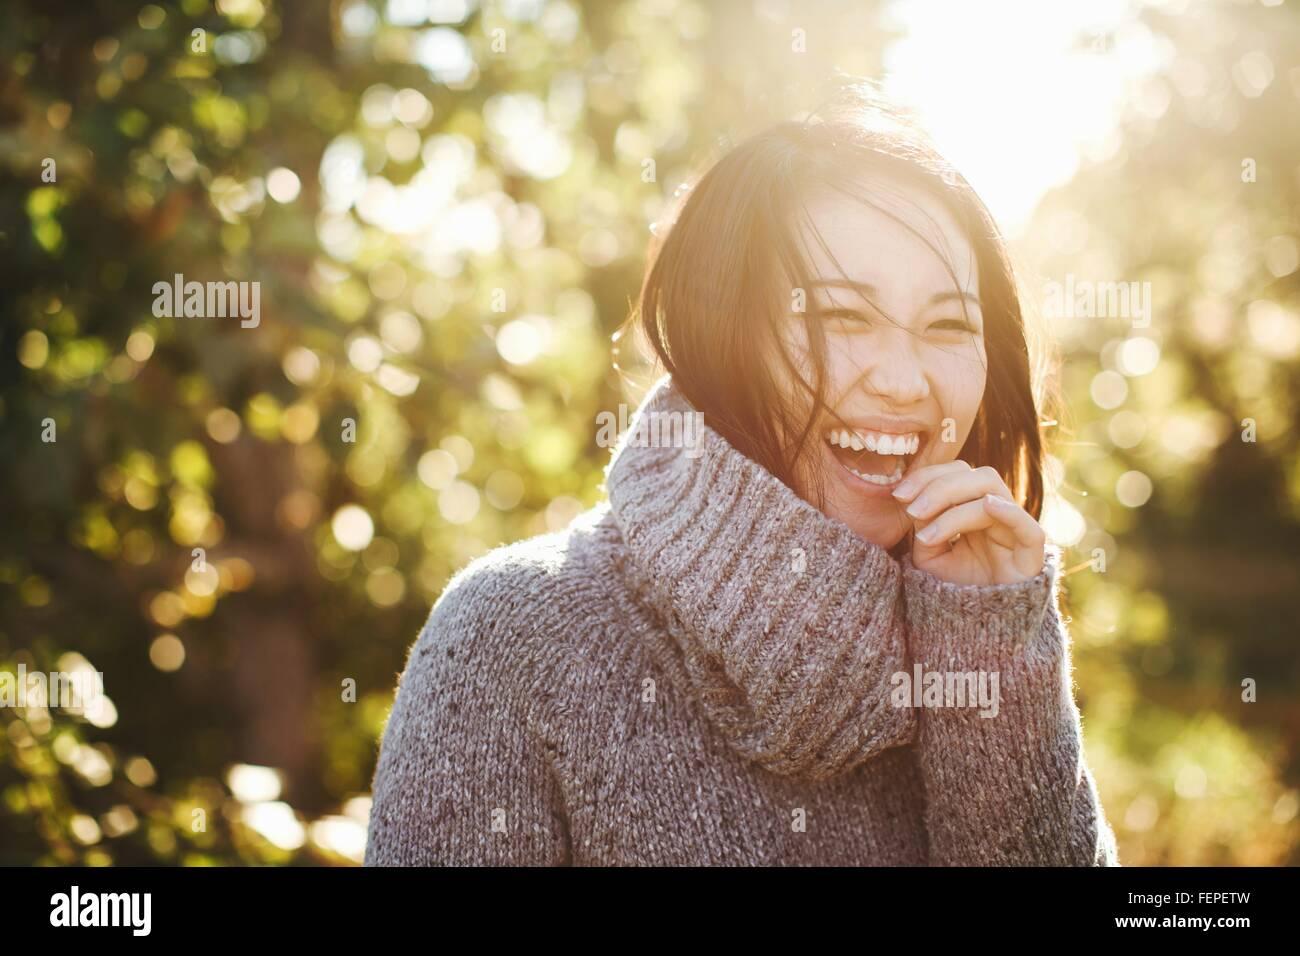 Porträt der jungen Frau in ländlicher Umgebung, lachen Stockbild